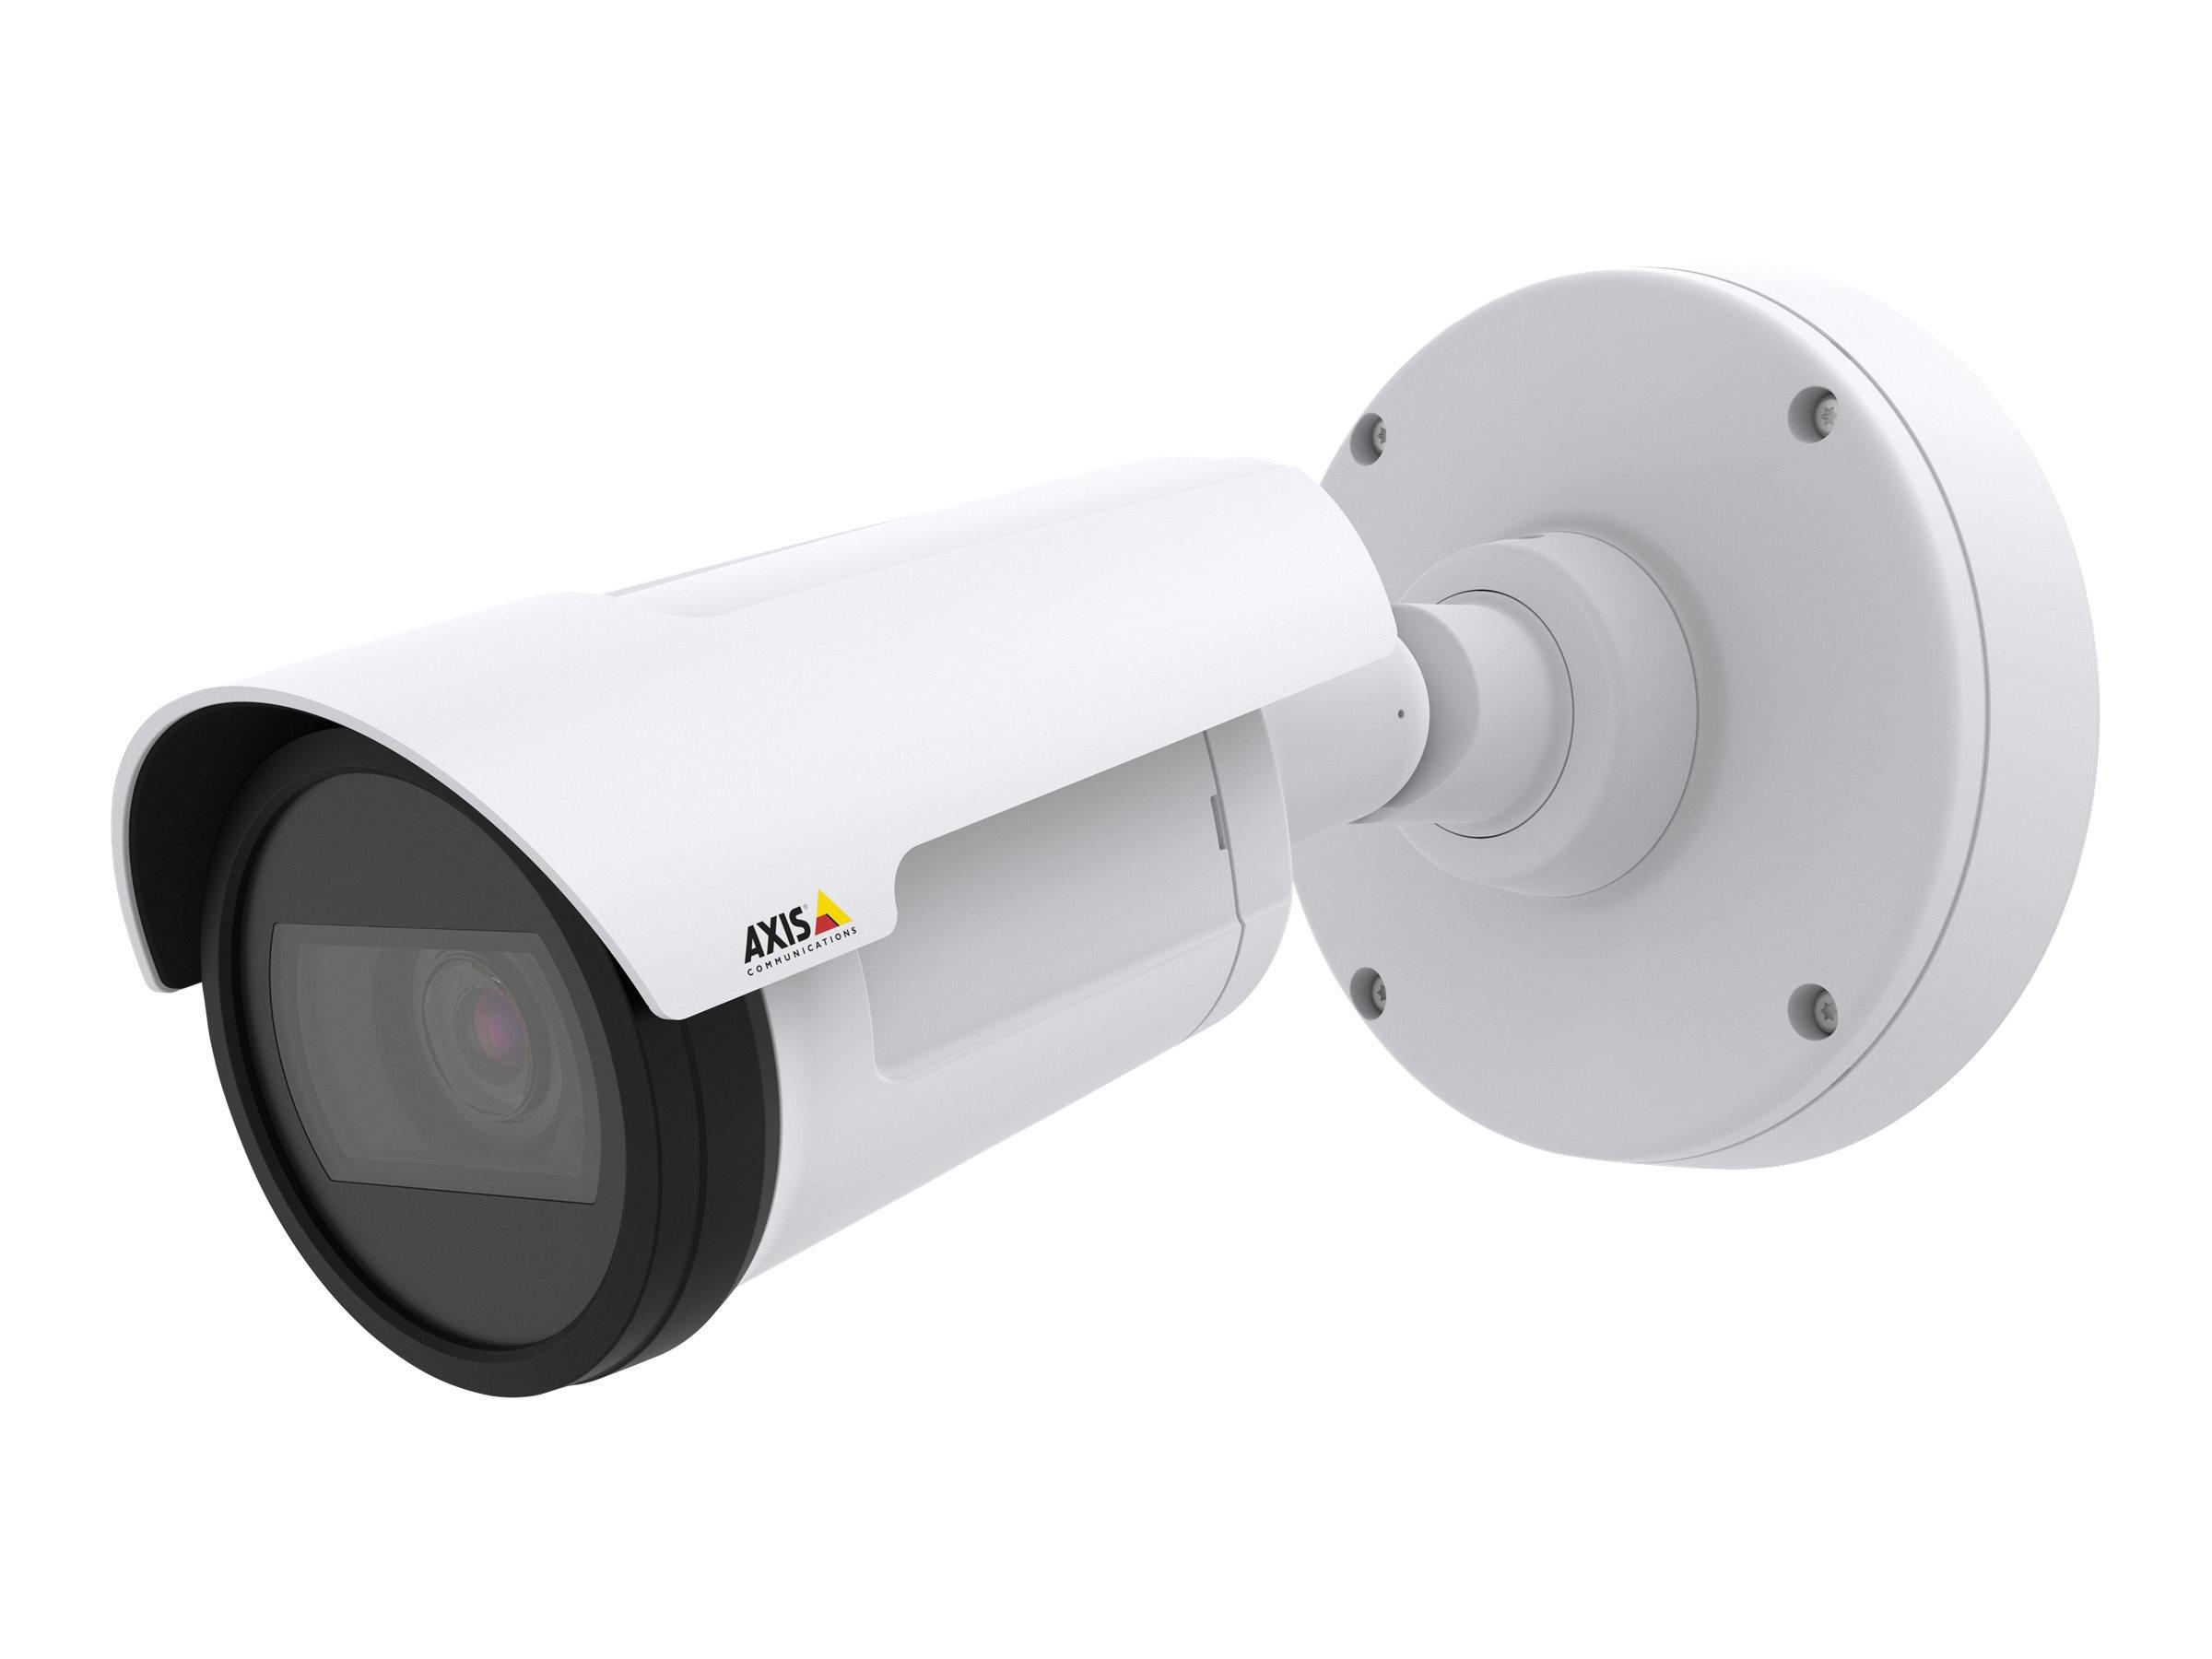 AXIS P1405-LE Mk II Network Camera - Netzwerk-Überwachungskamera - Aussenbereich - wetterfest - Farbe (Tag&Nacht) - 1920 x 1080